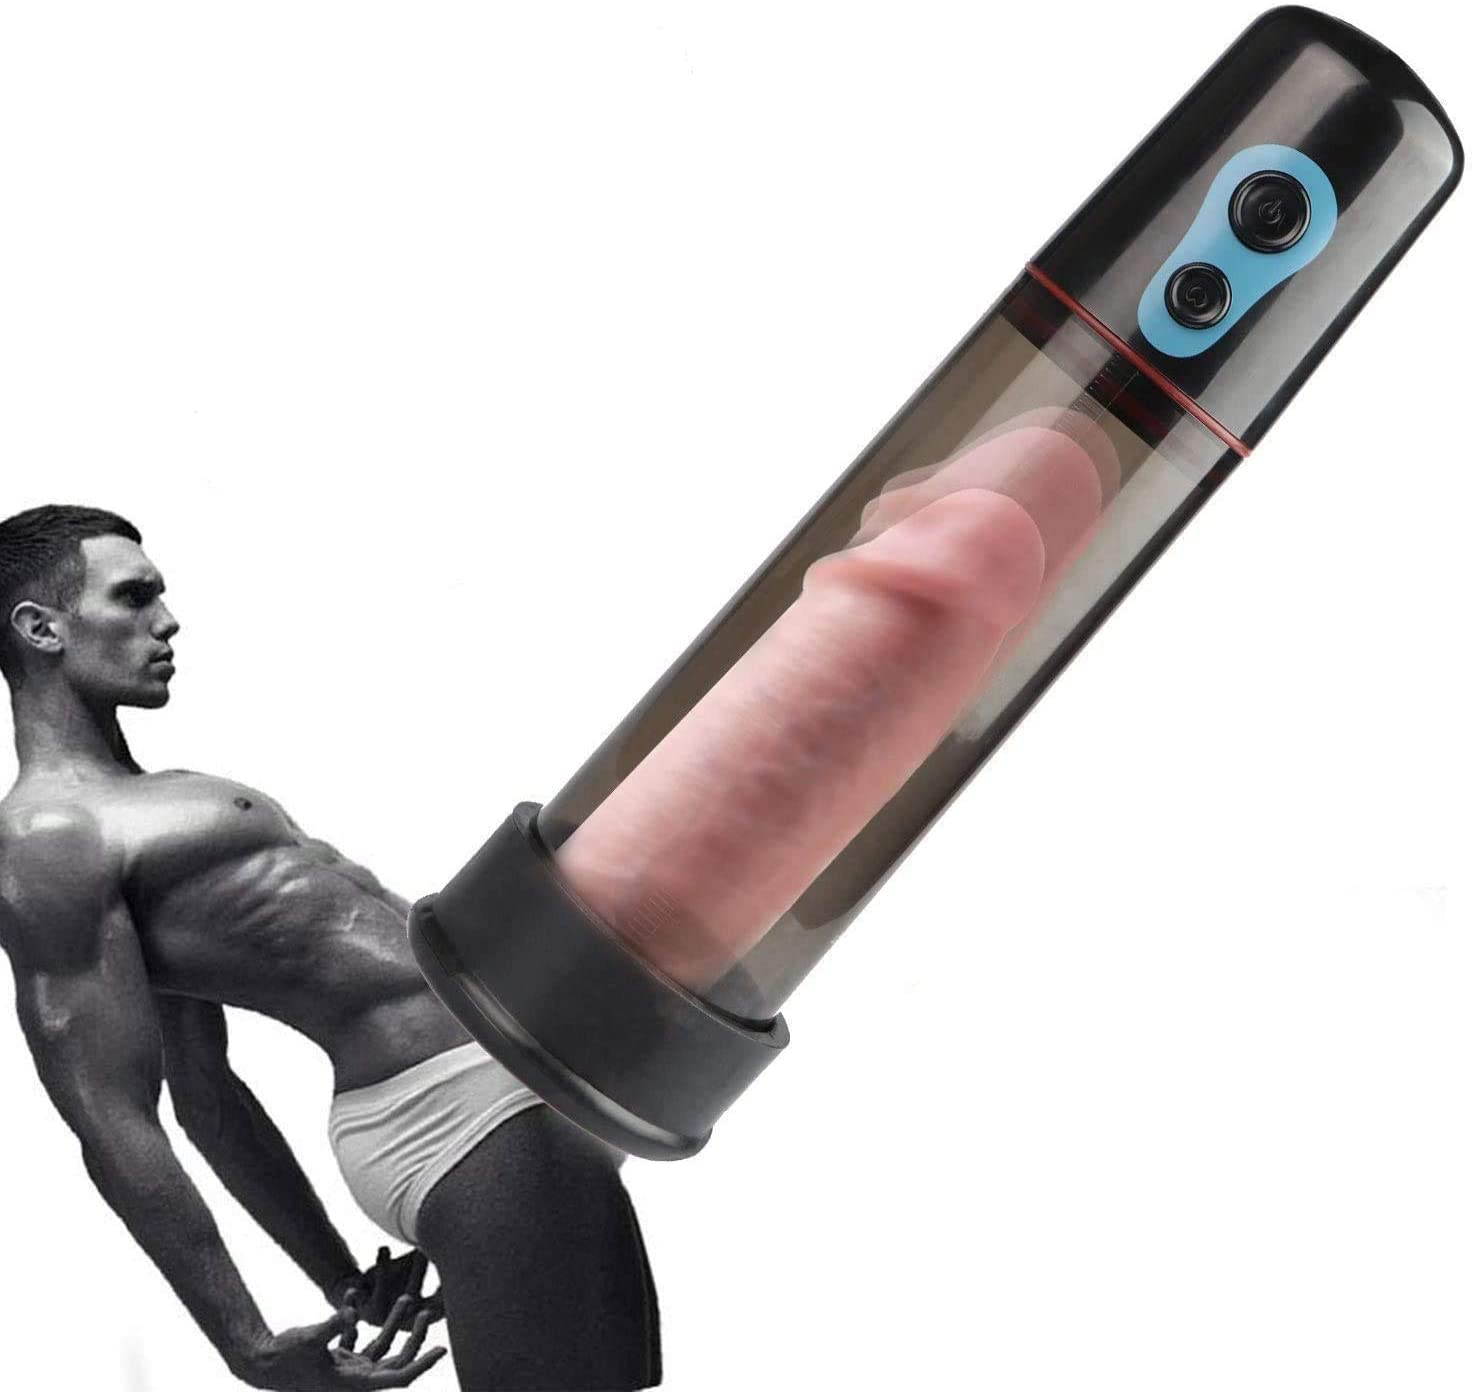 A Minimalist Life Potentes Succiones Vibración Bomba De Crecimiento De Vacío Juguete Automático De Mano Para hombres